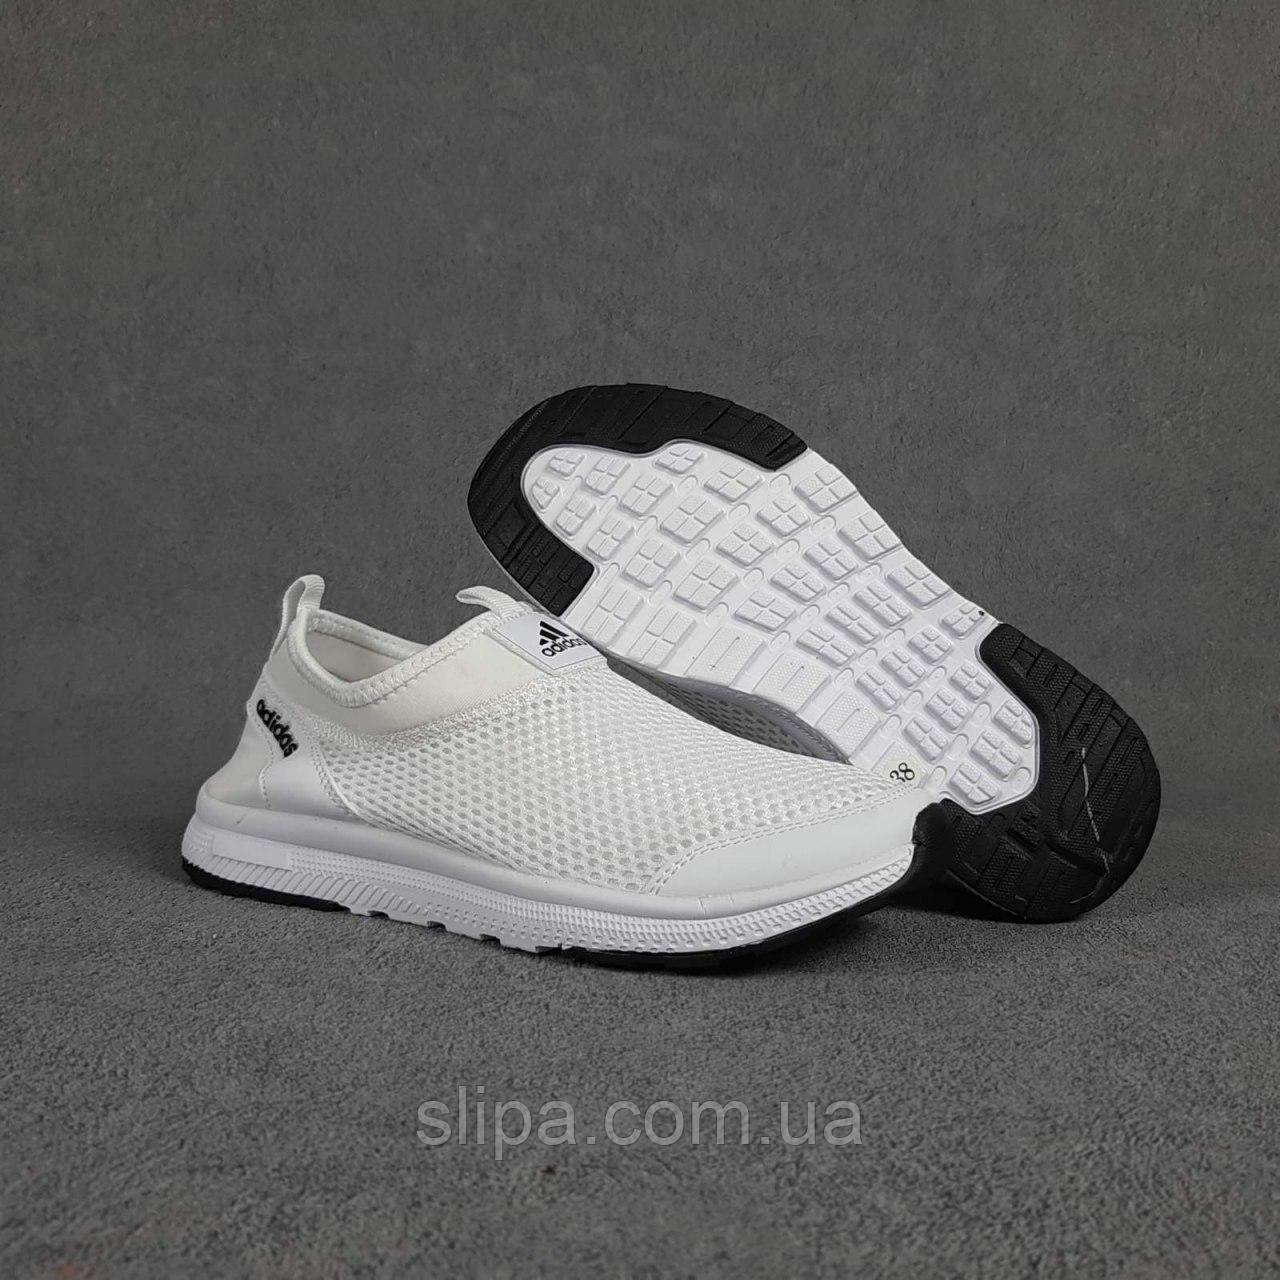 Текстильные летние женские кроссовки Adidas белые   лёгкая сетка + пена   очень лёгкие